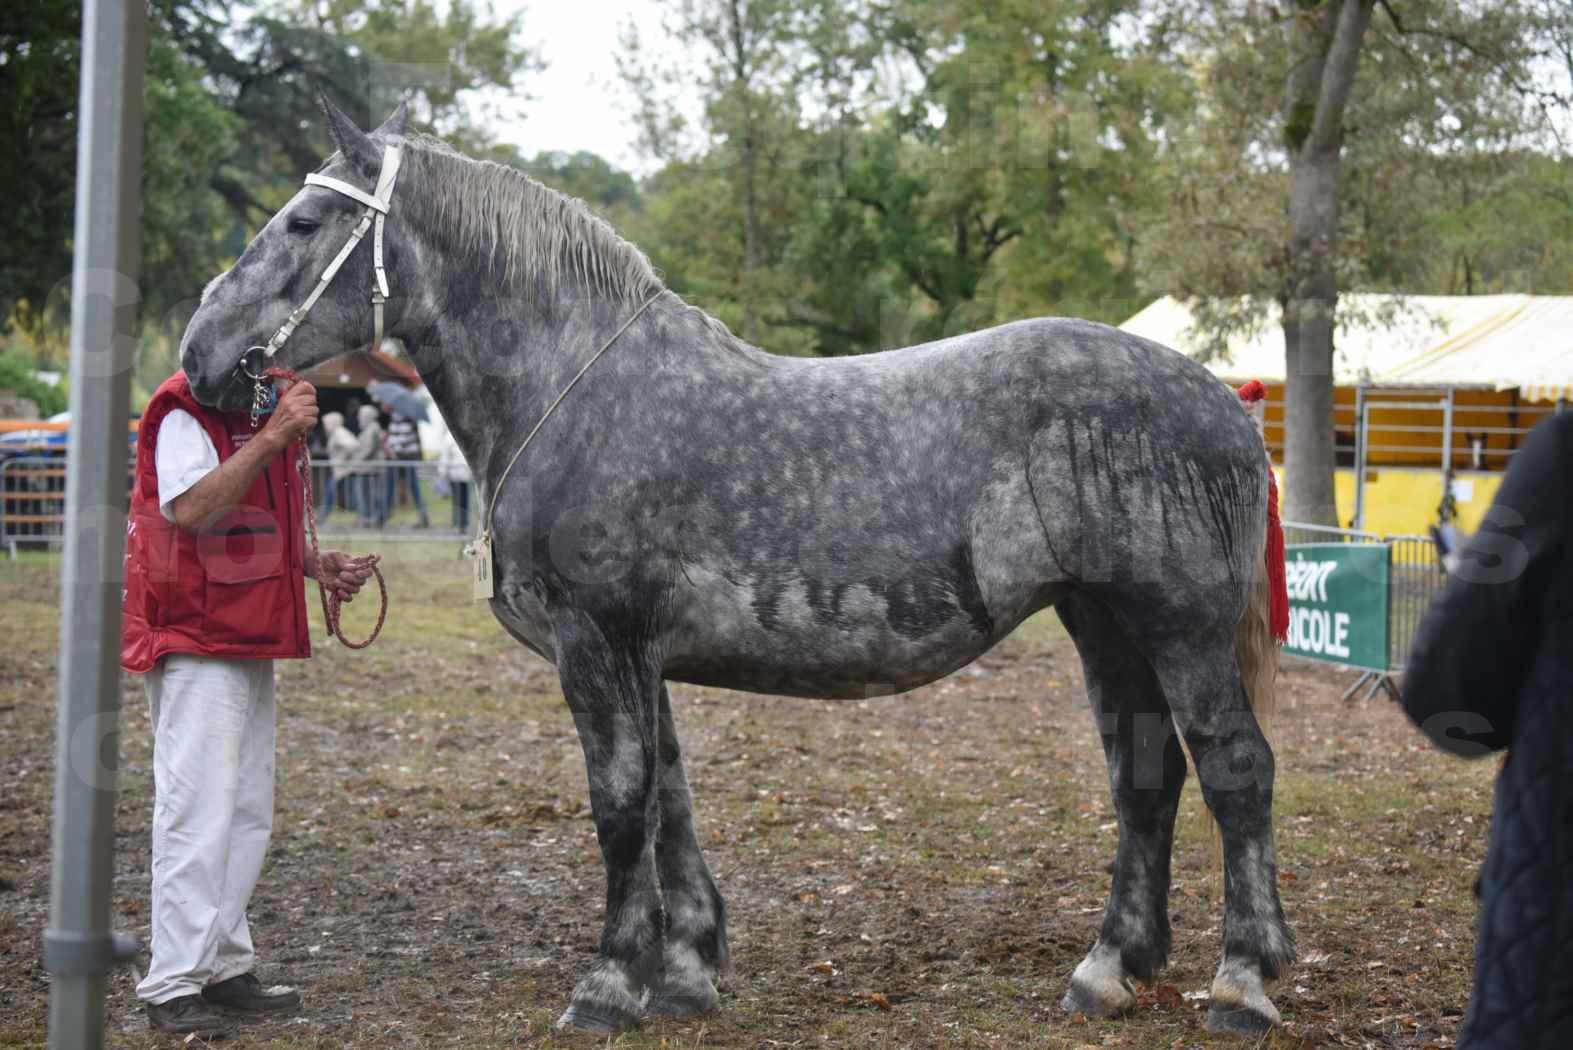 Concours Régional de chevaux de traits en 2017 - Pouliche Trait PERCHERON - ÉCAILLE DU RAMIER - 04